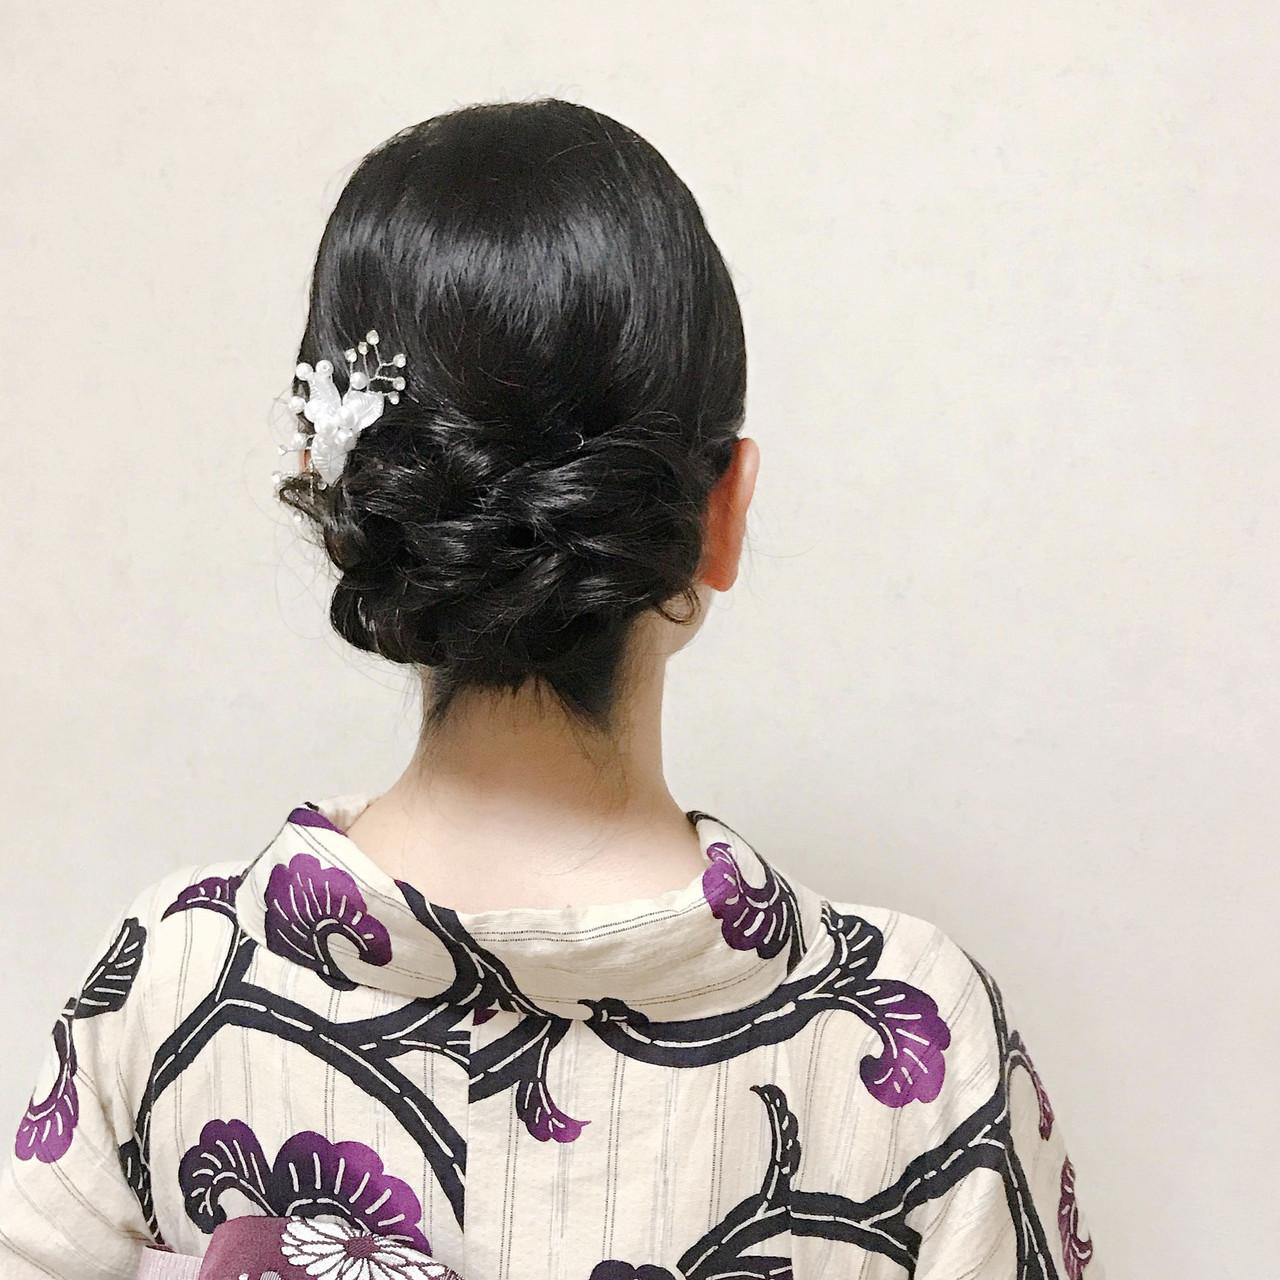 黒髪で作る華やかパーティヘア ドレスレンタルのパーティドレススタイル